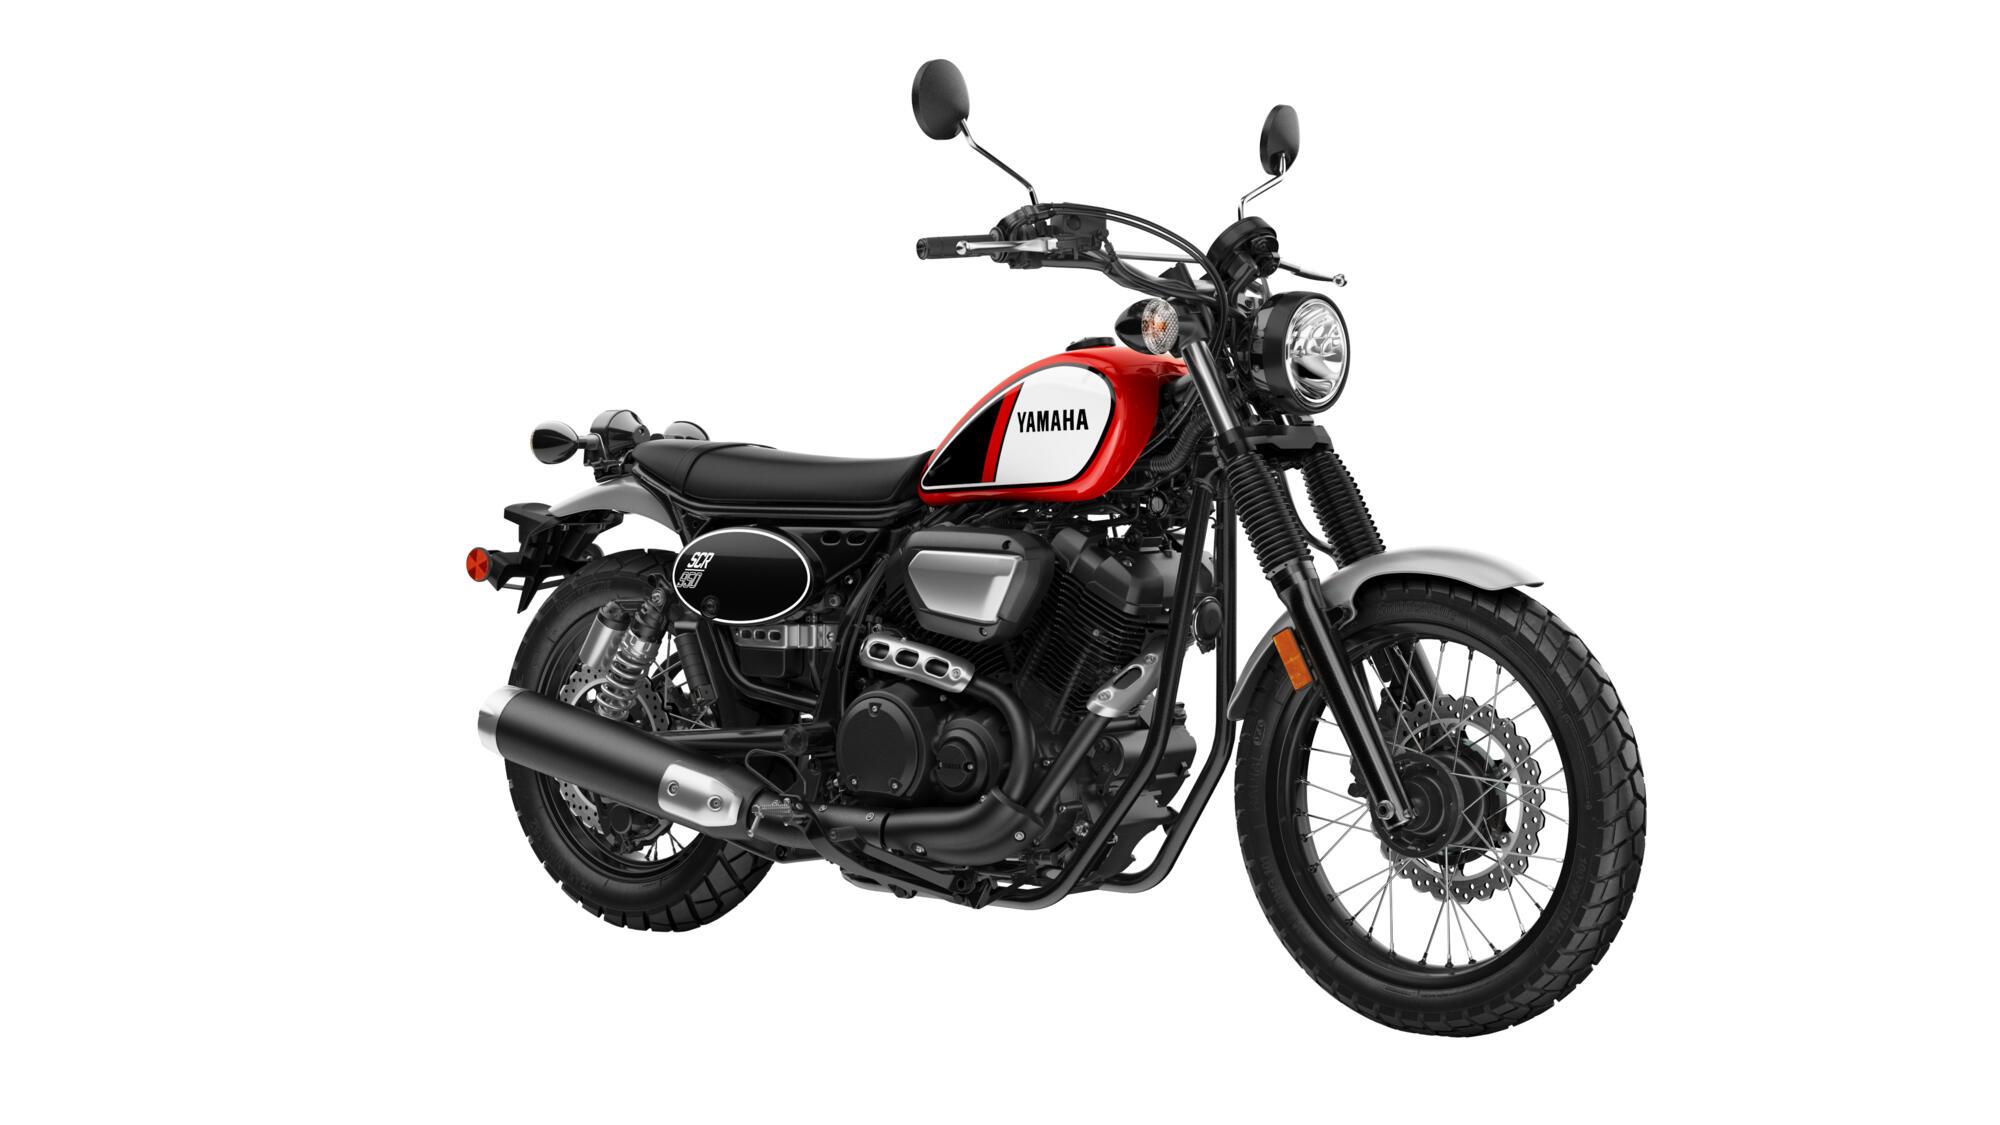 2017-Yamaha-XVS950XR-A-EU-Racing_Red-Studio-001-03